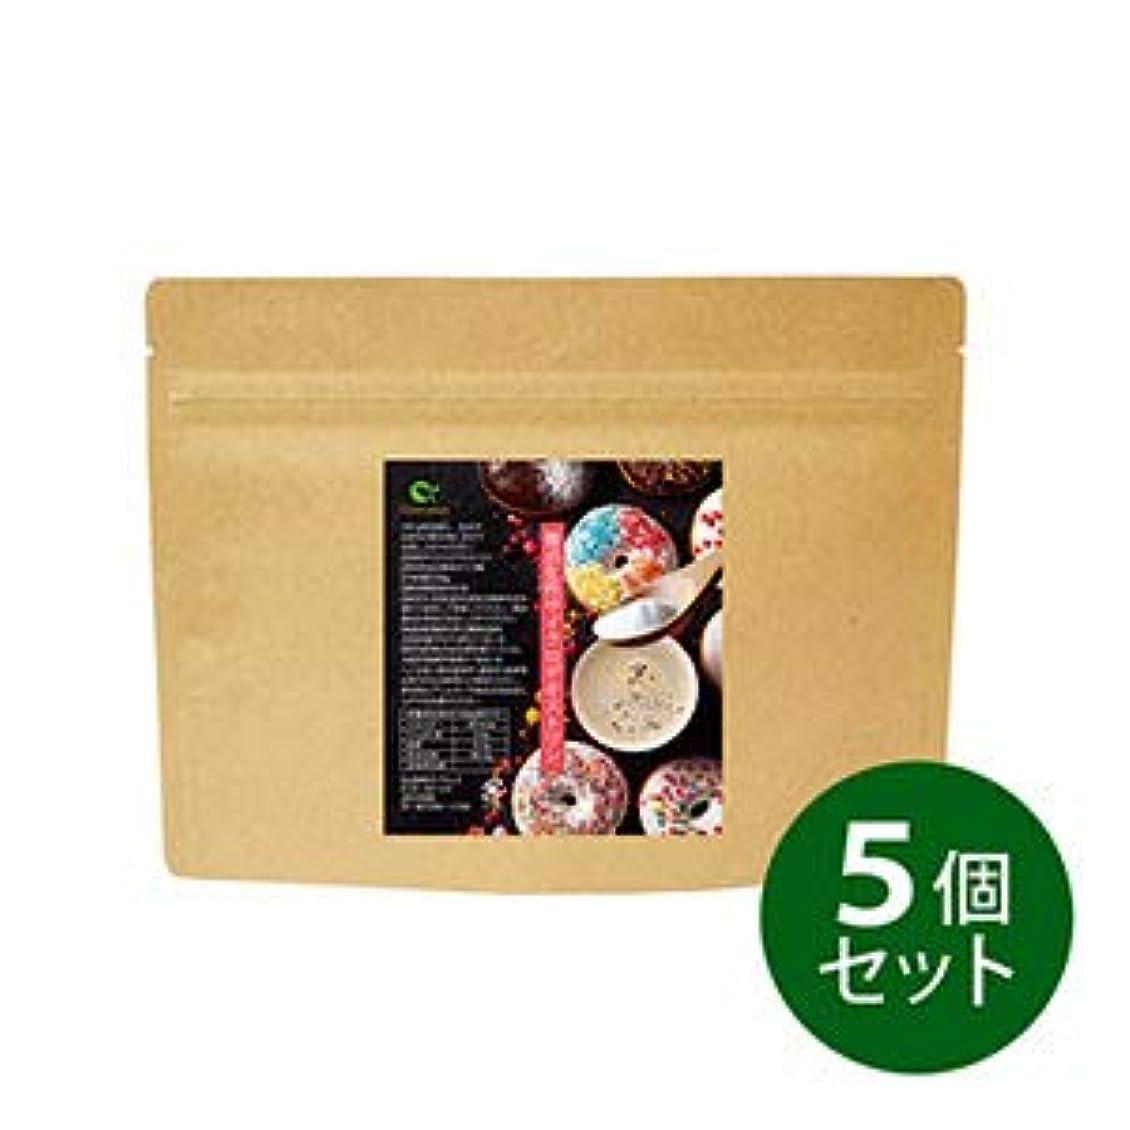 持つ共同選択人北海道産 難消化性サイクロデキストリン「難消化性デキストリン」100g x 5個セット